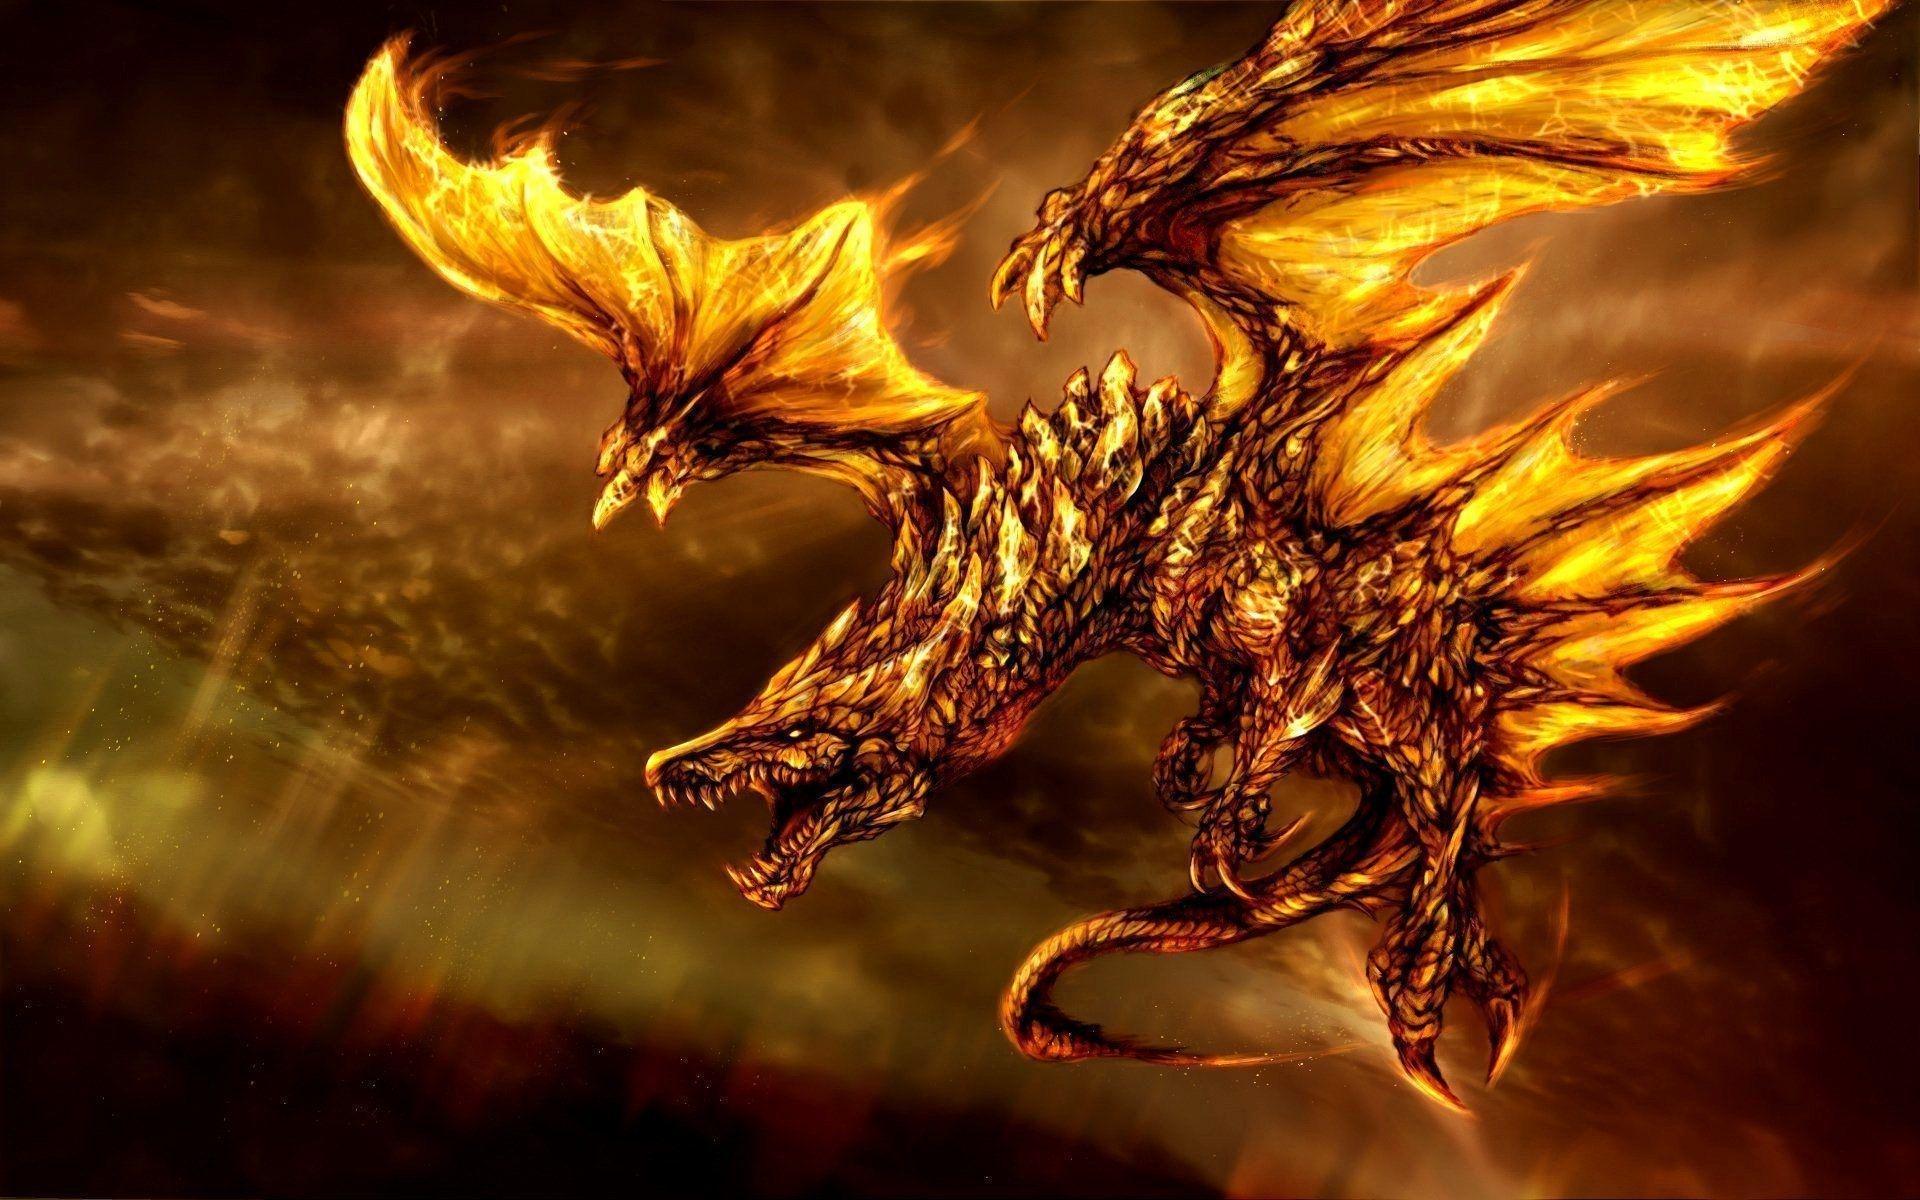 3d dragon wallpapers - wallpaper cave